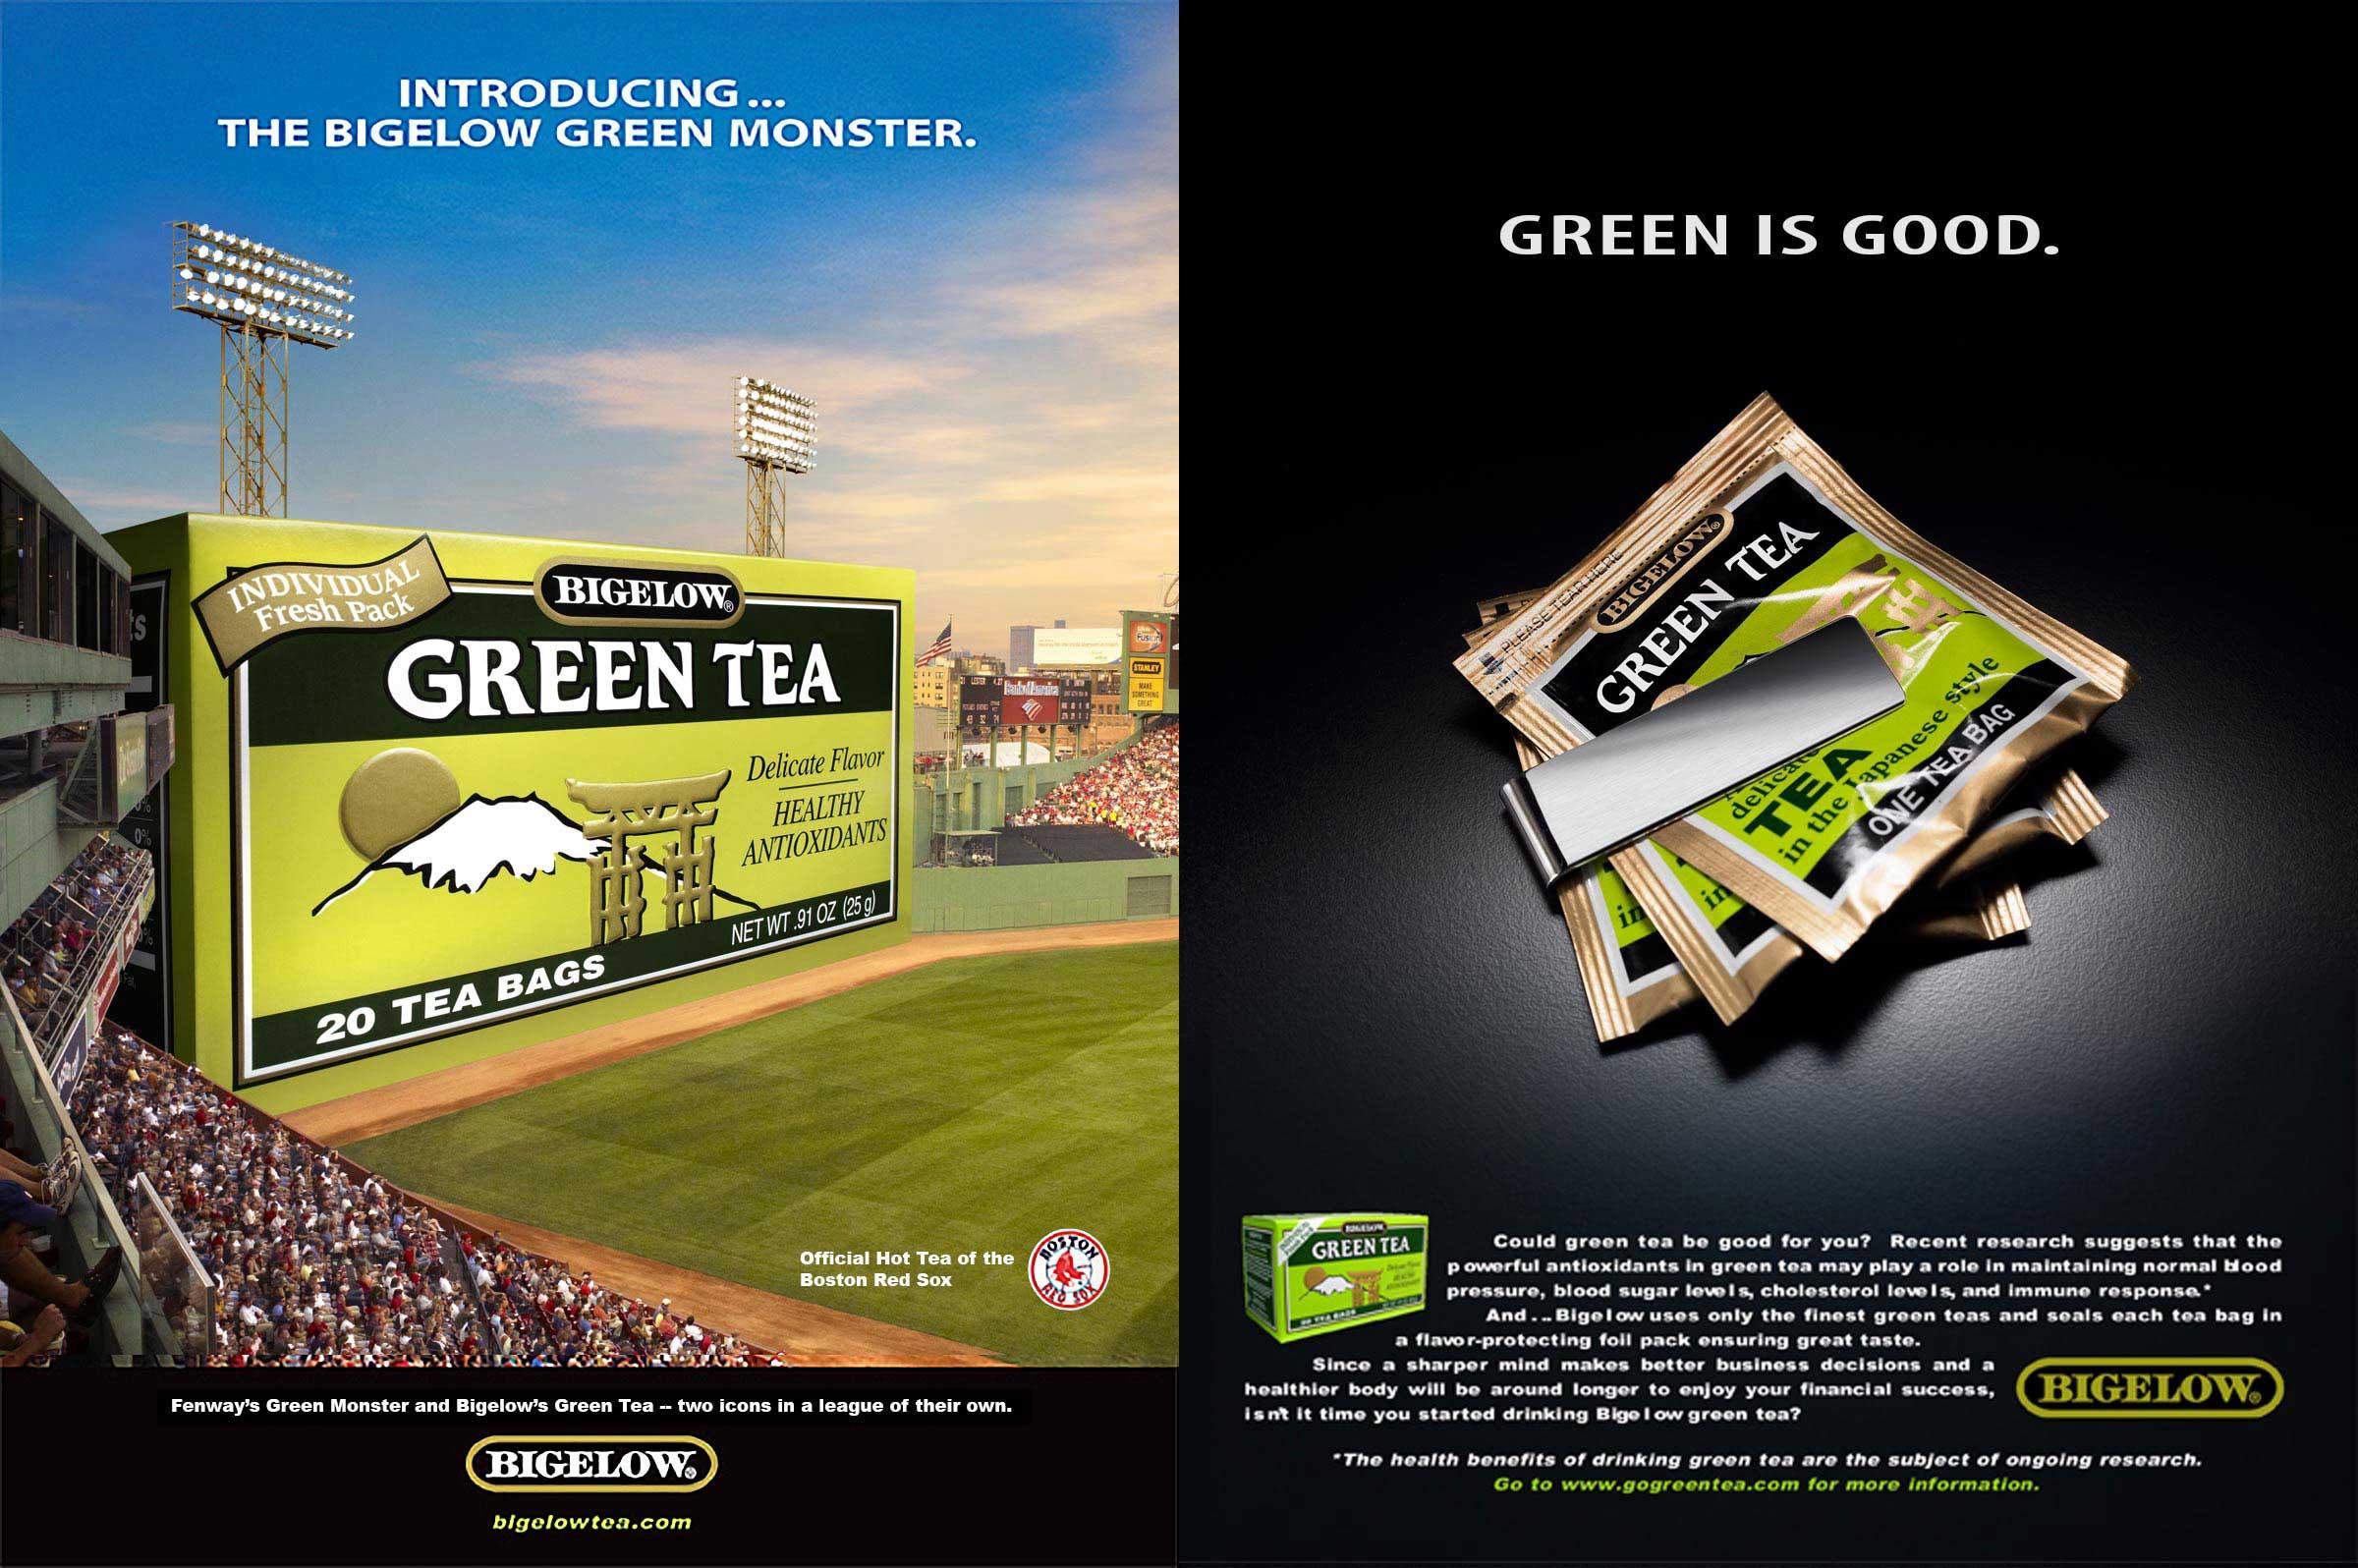 Bigelow-Green-Monster-moneyclip-ads2.jpg